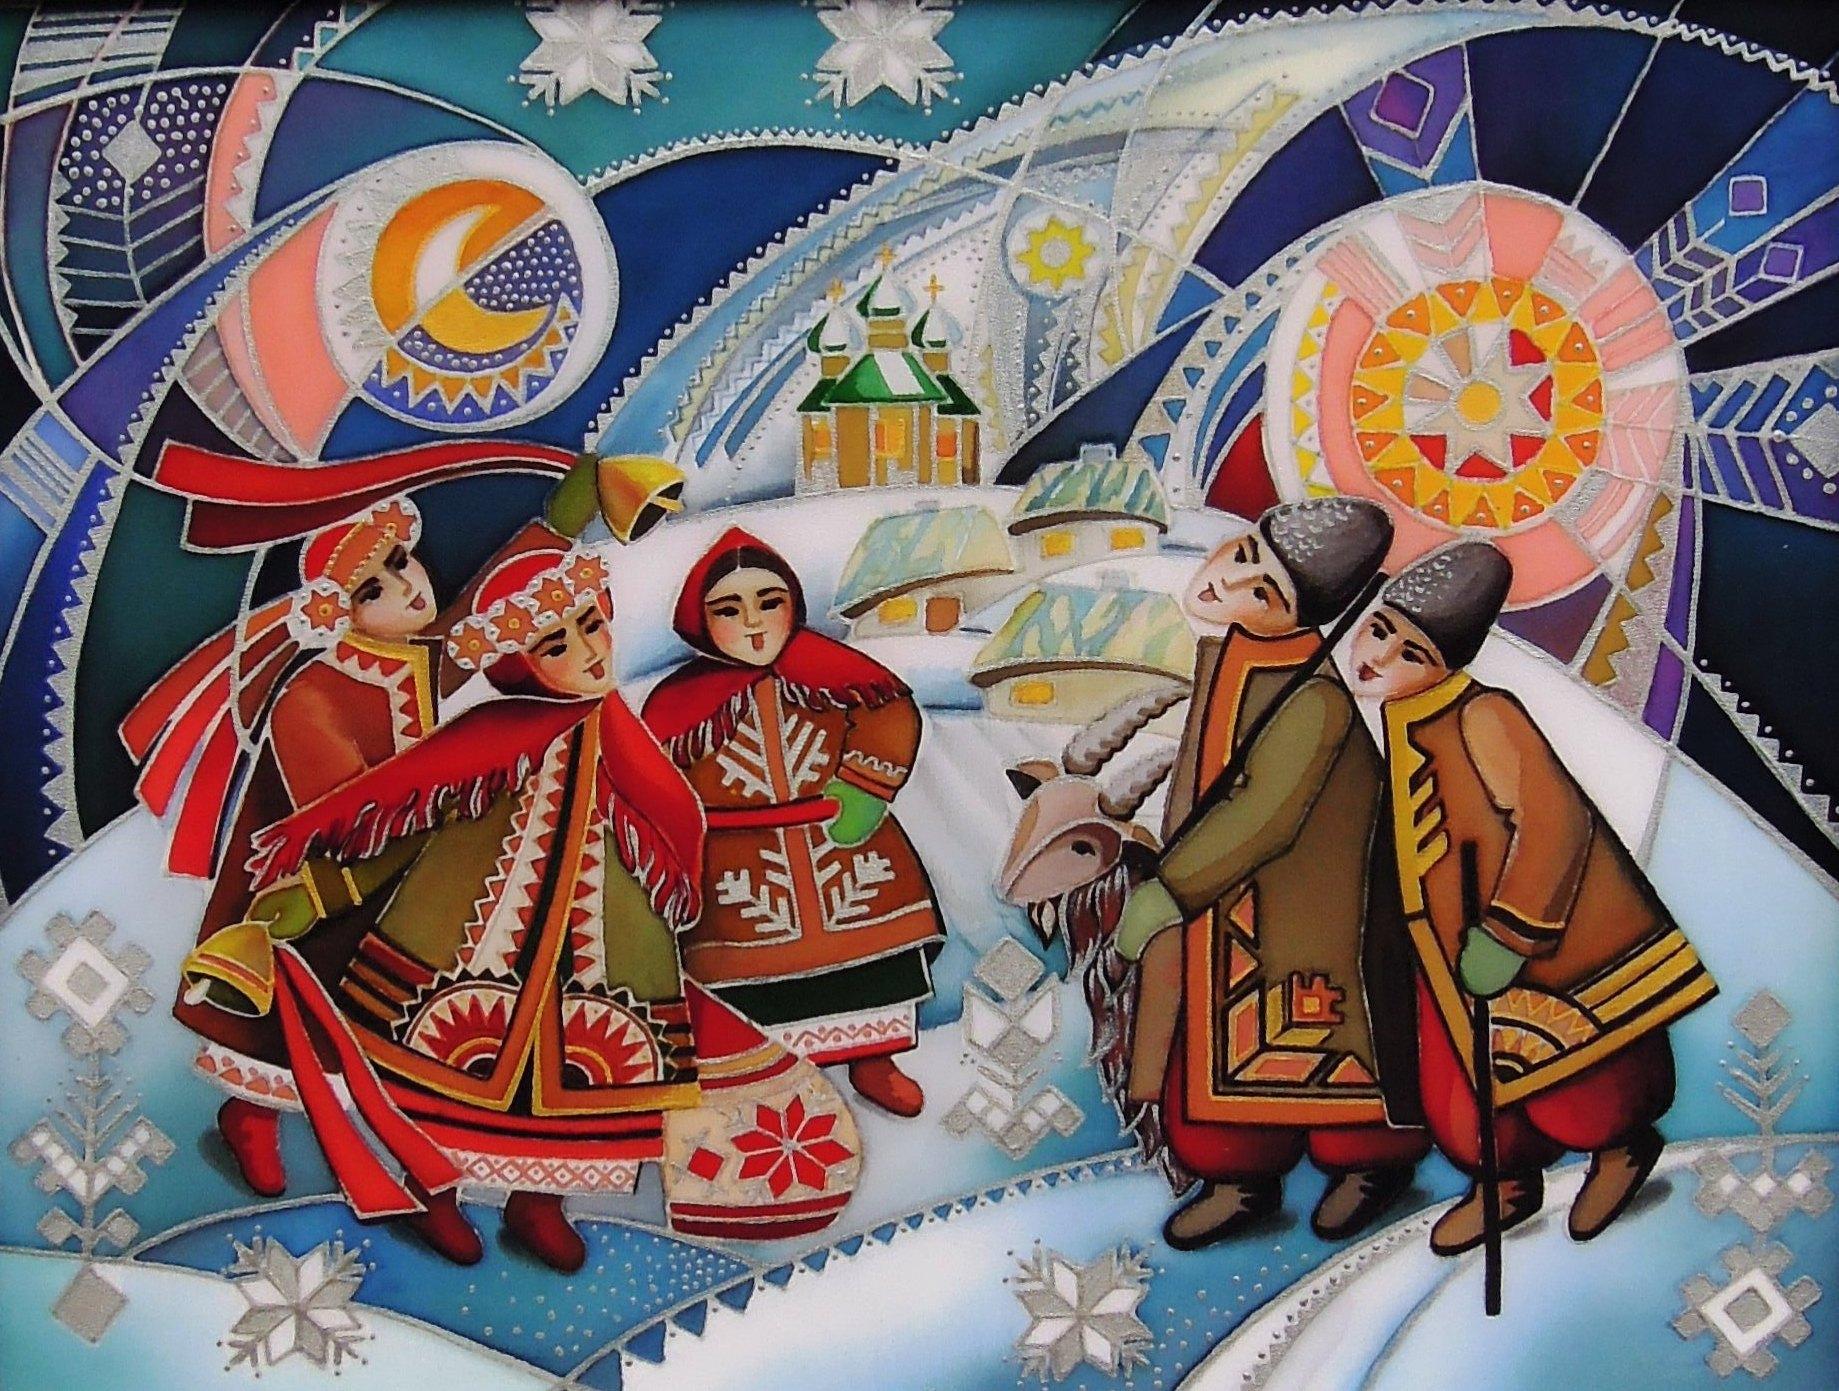 Святий Миколай іде — Різдво веде